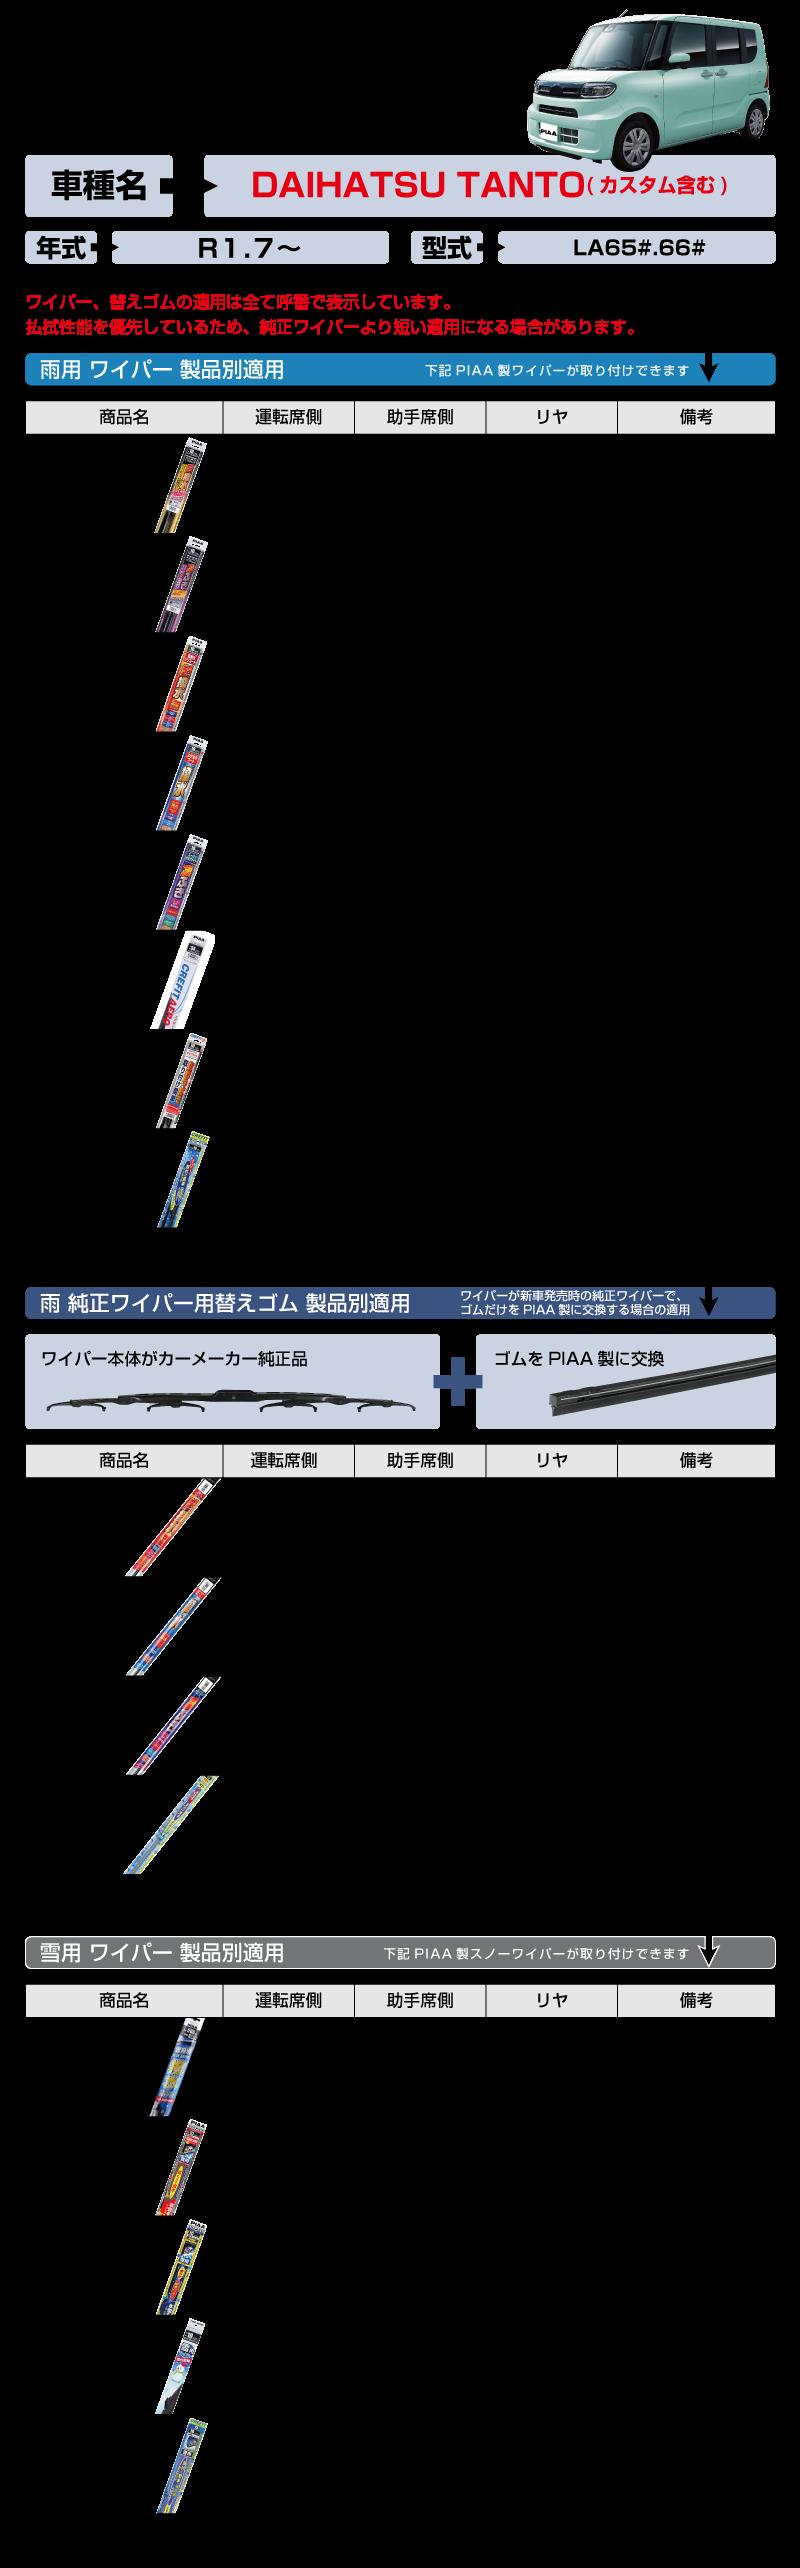 TEKIYOU_DAIHATSU_TANTO_R1.7